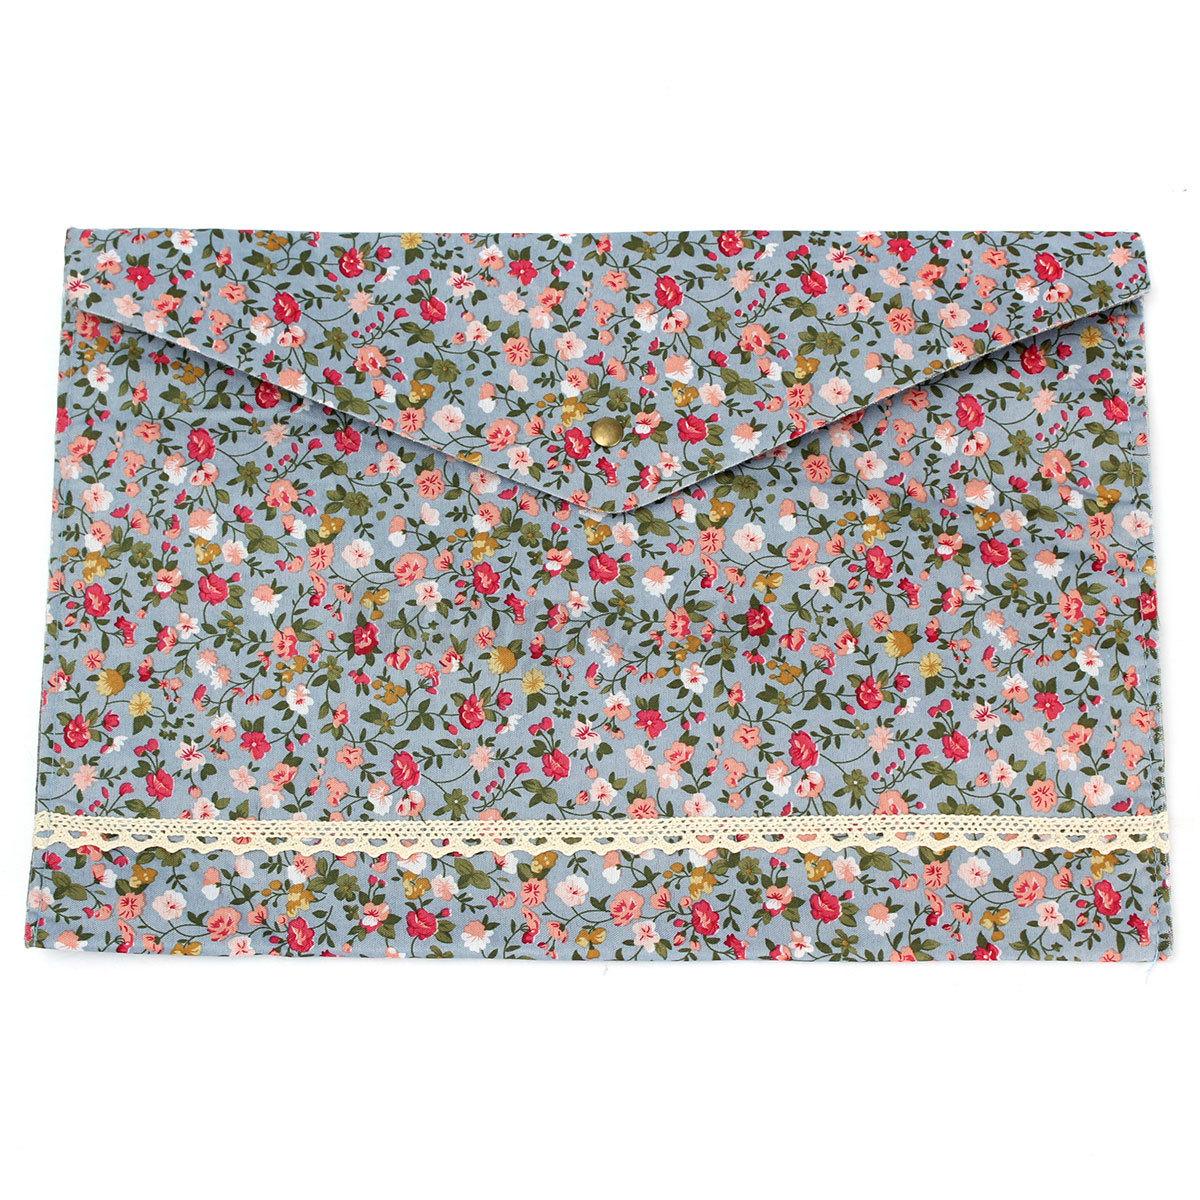 fleur pochette porte document portefeuille poche sac chemise classeur format a4 ebay. Black Bedroom Furniture Sets. Home Design Ideas